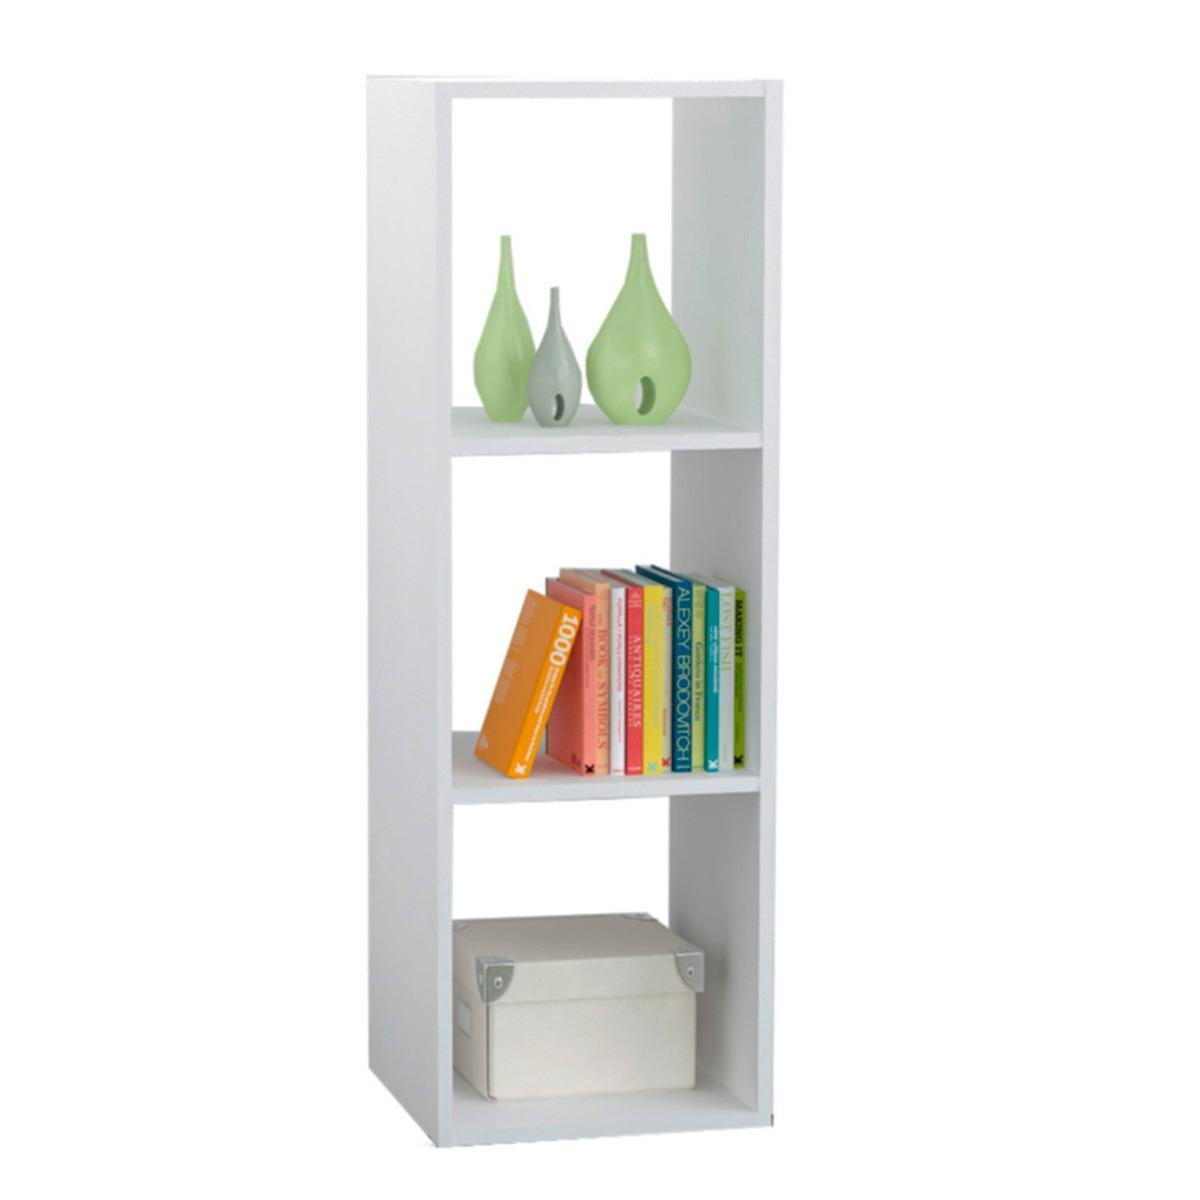 Mueble Organizador Cubo 3 Modulos De Melamina Blanco